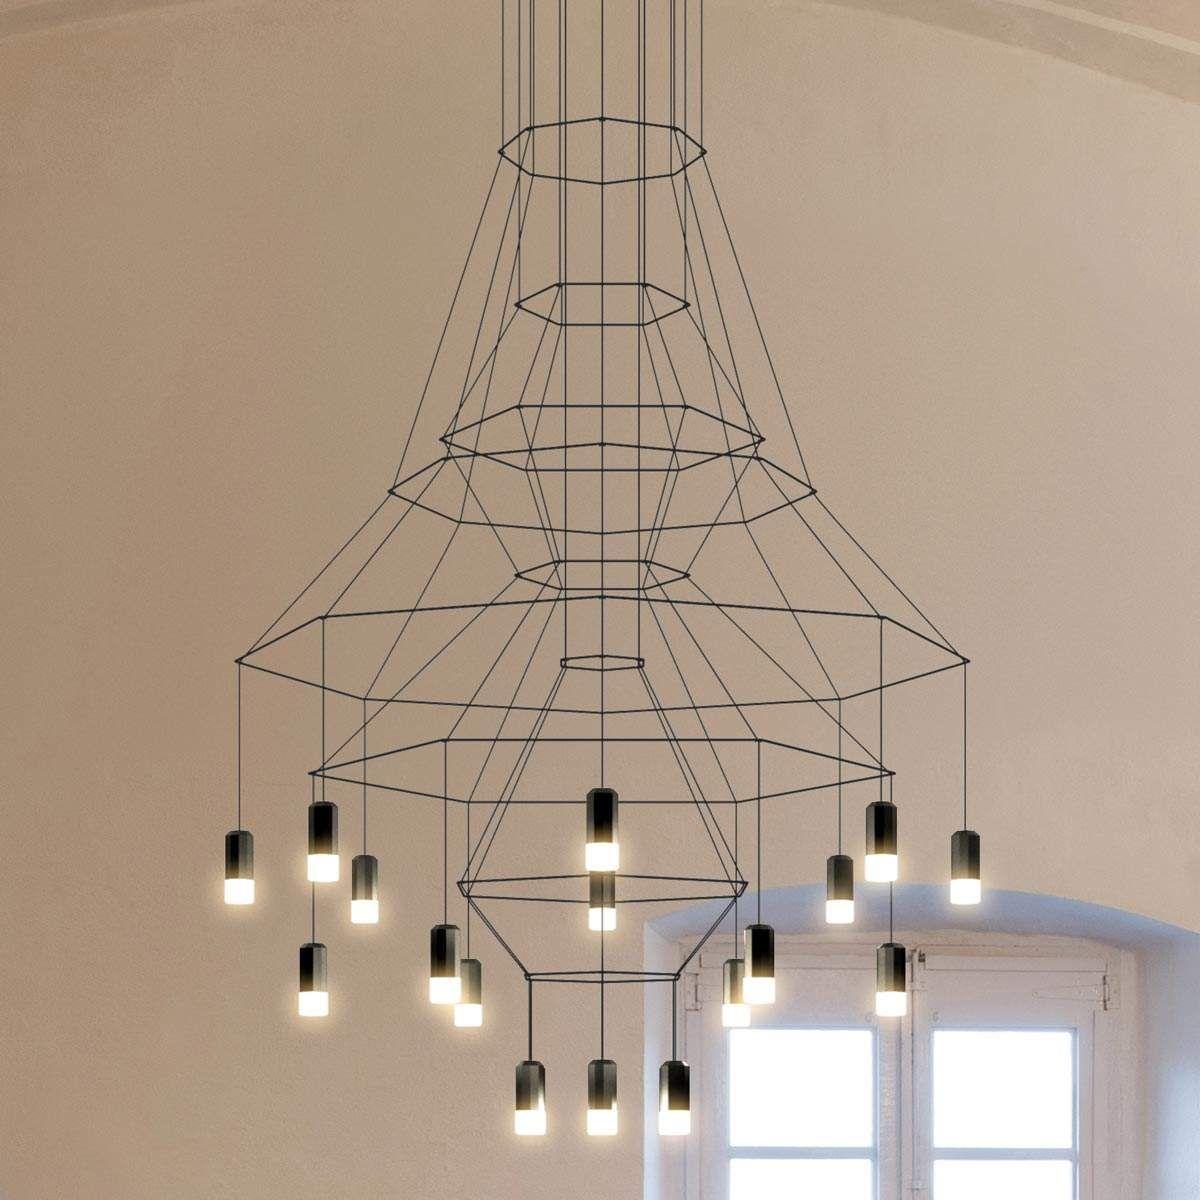 Pendelleuchten Wohnzimmerlampen Hangeleuchte Holz Eiche Pendelleuchte Grau Matt Lampenschirme Aus Pendelleuchte Led Pendelleuchte Beleuchtung Dachschrage